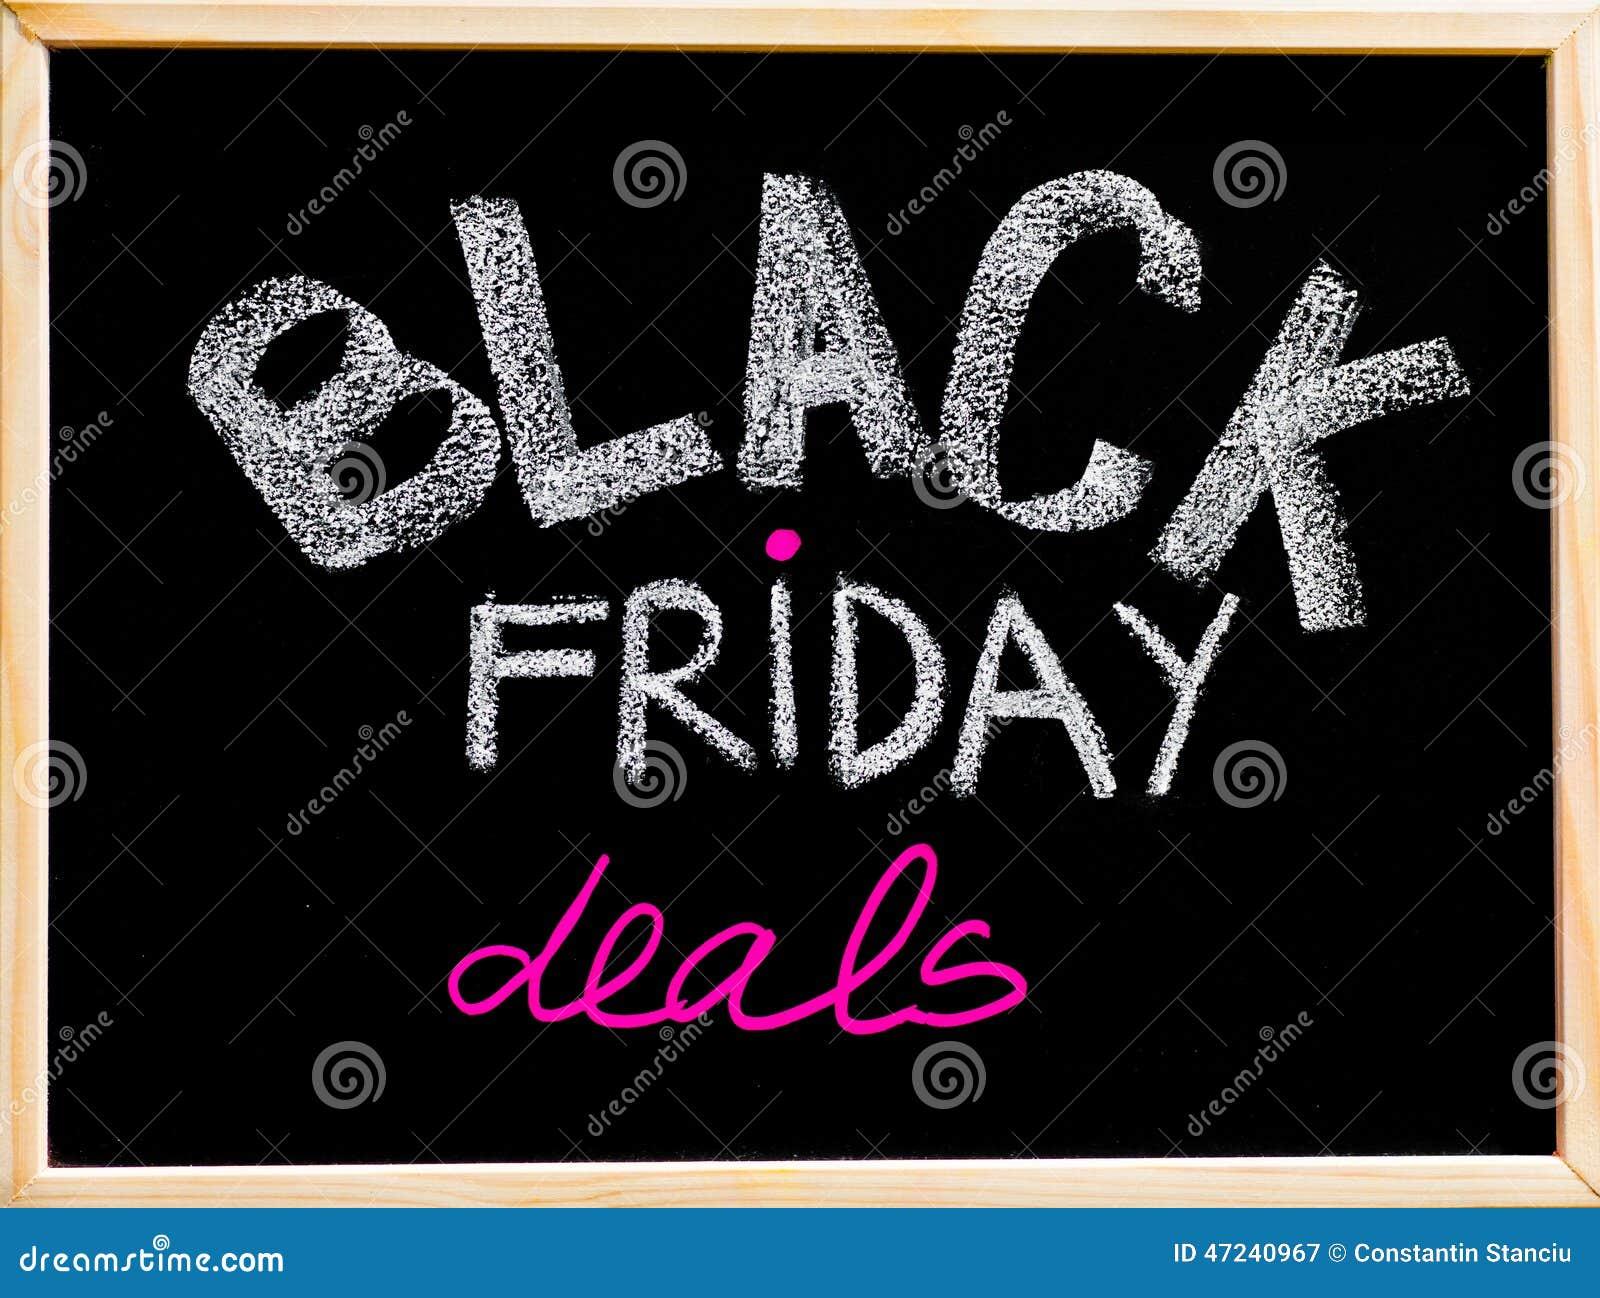 Black Friday Deals Advertisement Handwritten With Chalk On